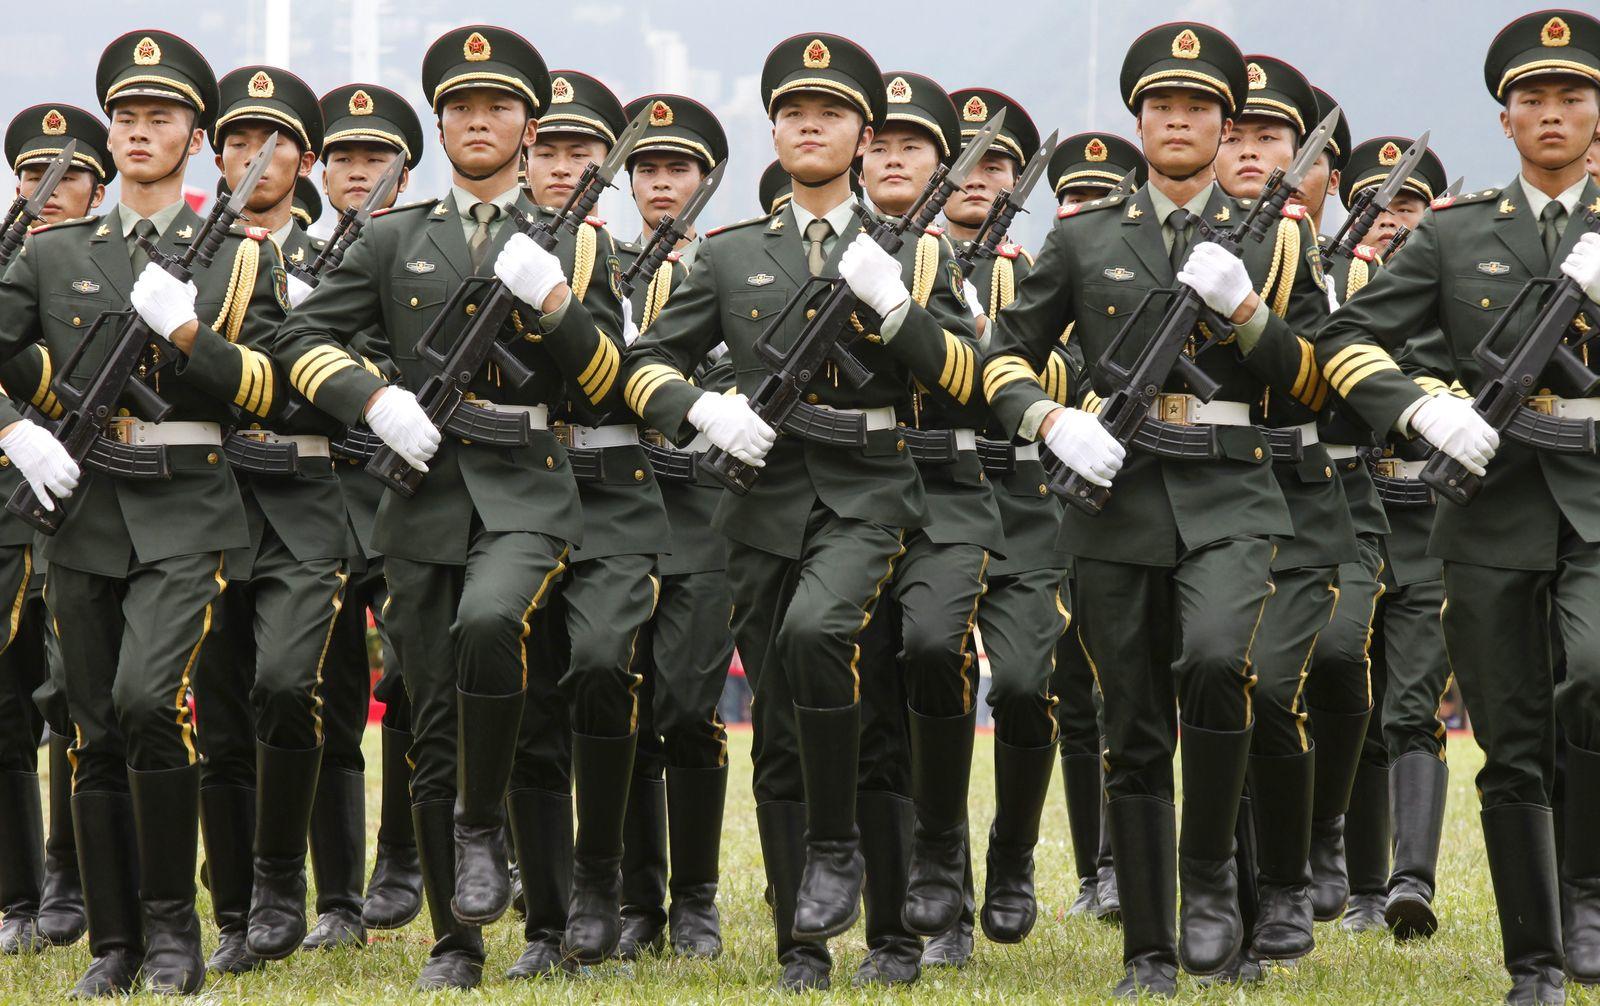 SPIEGEL 34/2012 pp124 SPIN Glucksmann China Army